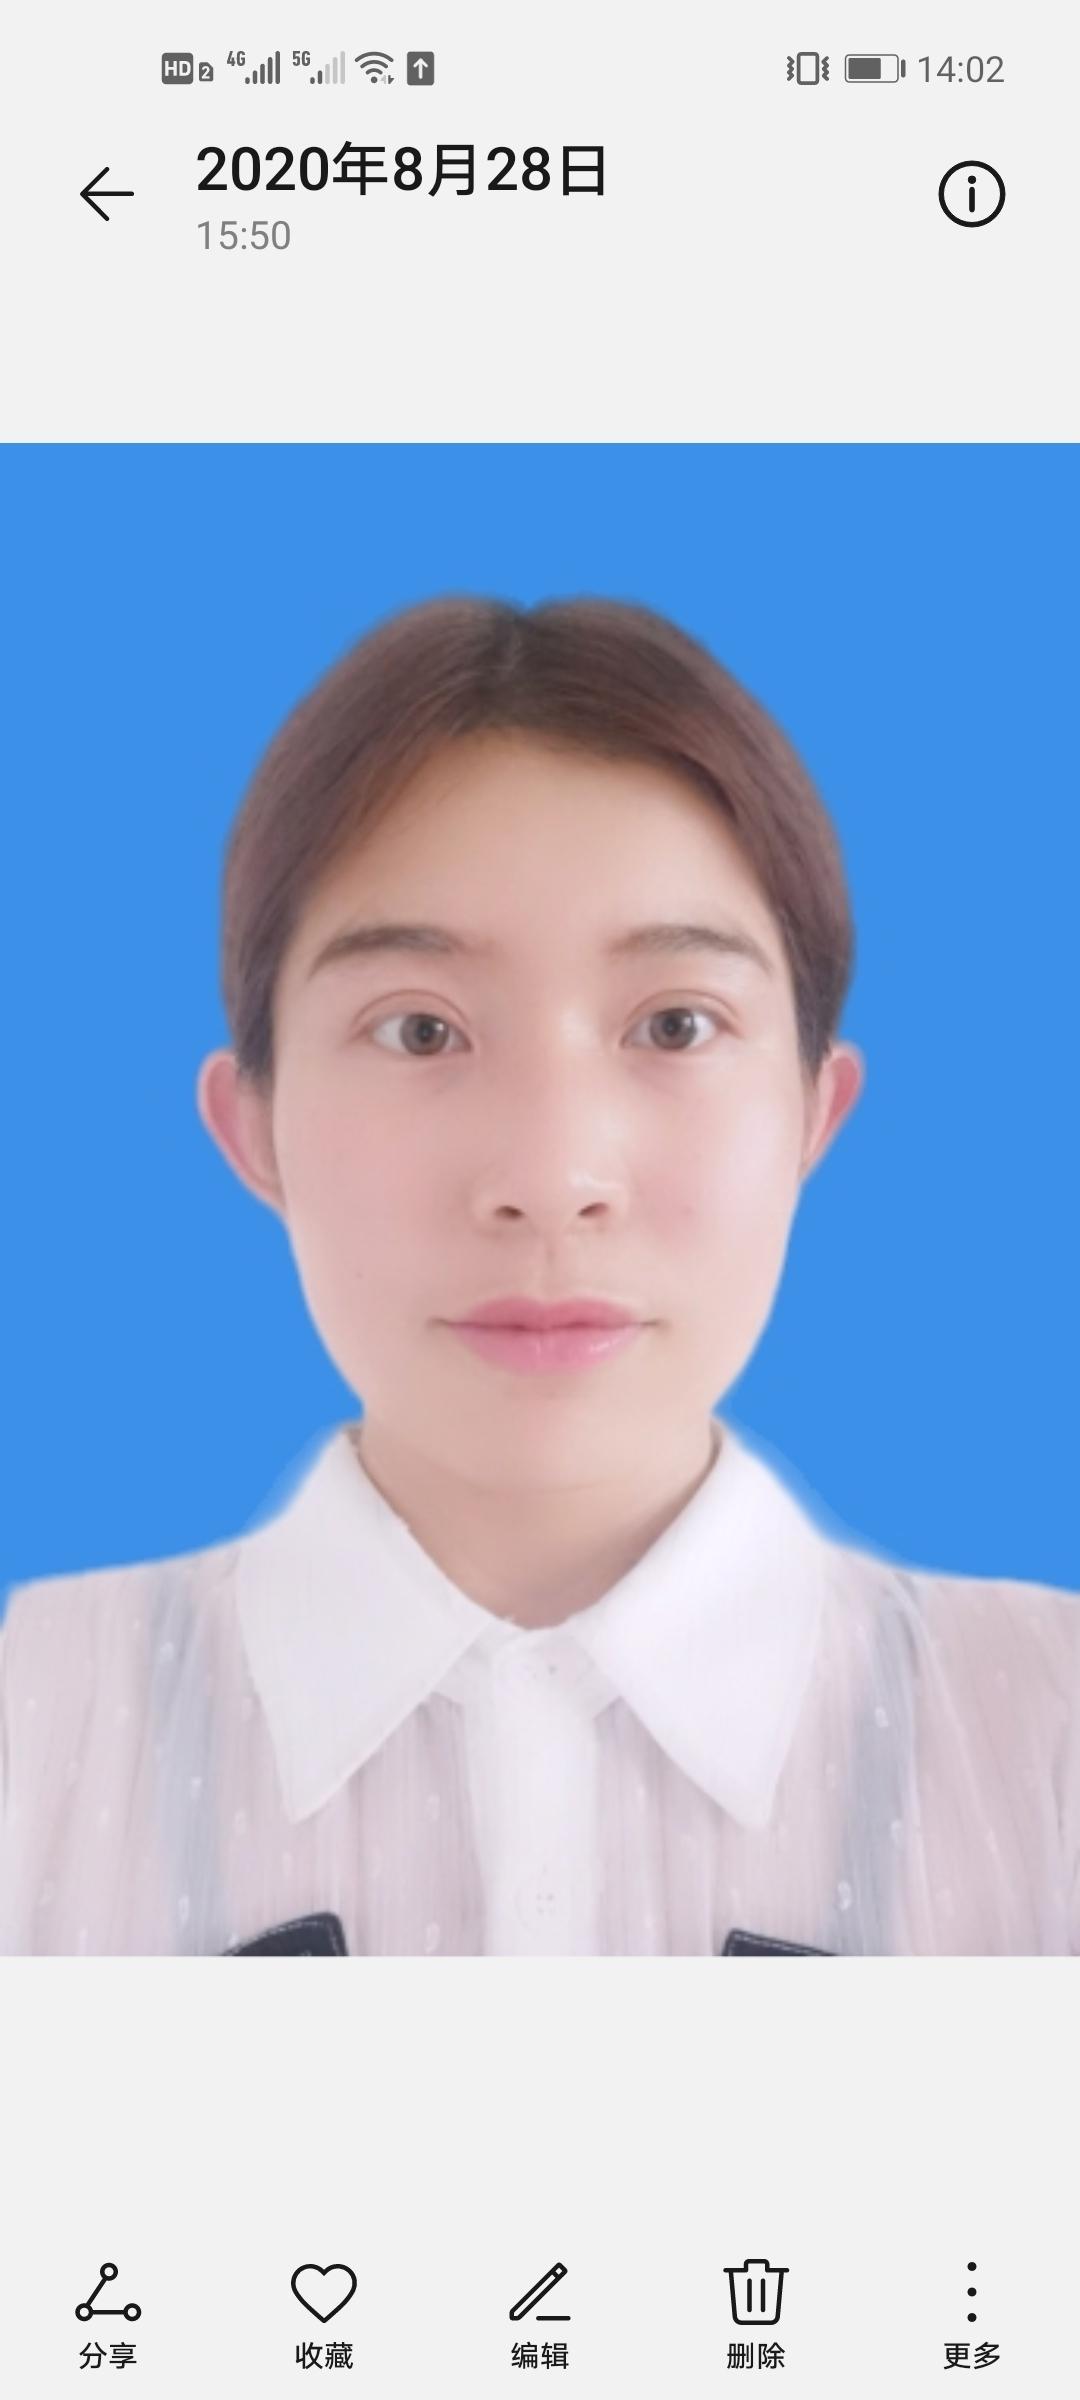 鹤山家教刘教员